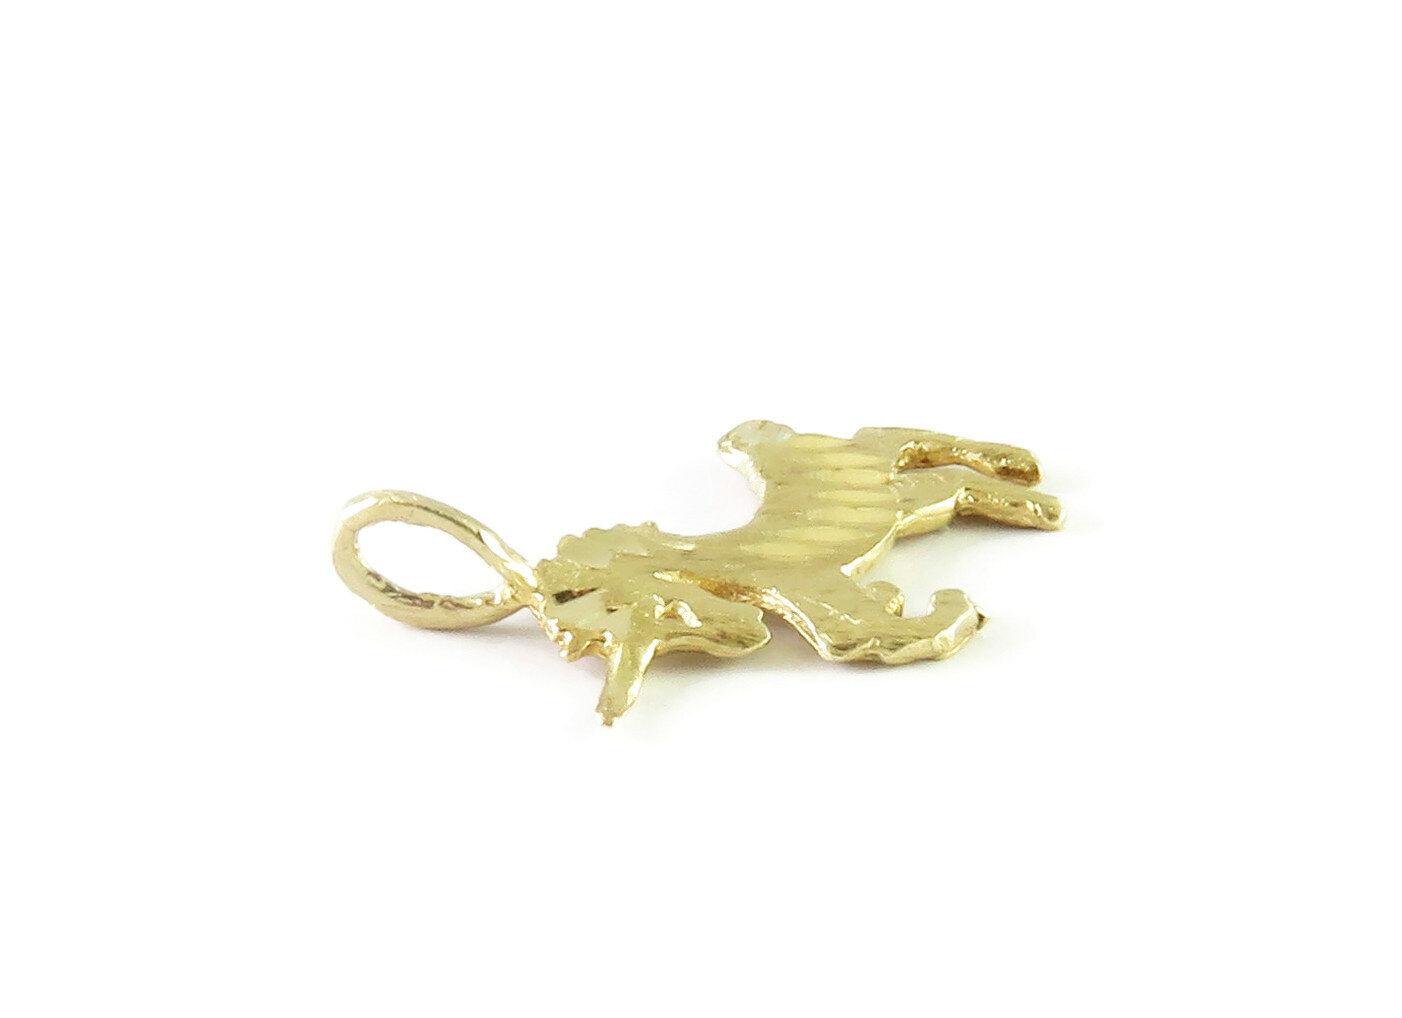 14K Yellow Gold Unicorn Charm Necklace Pendant ~ … - image 4